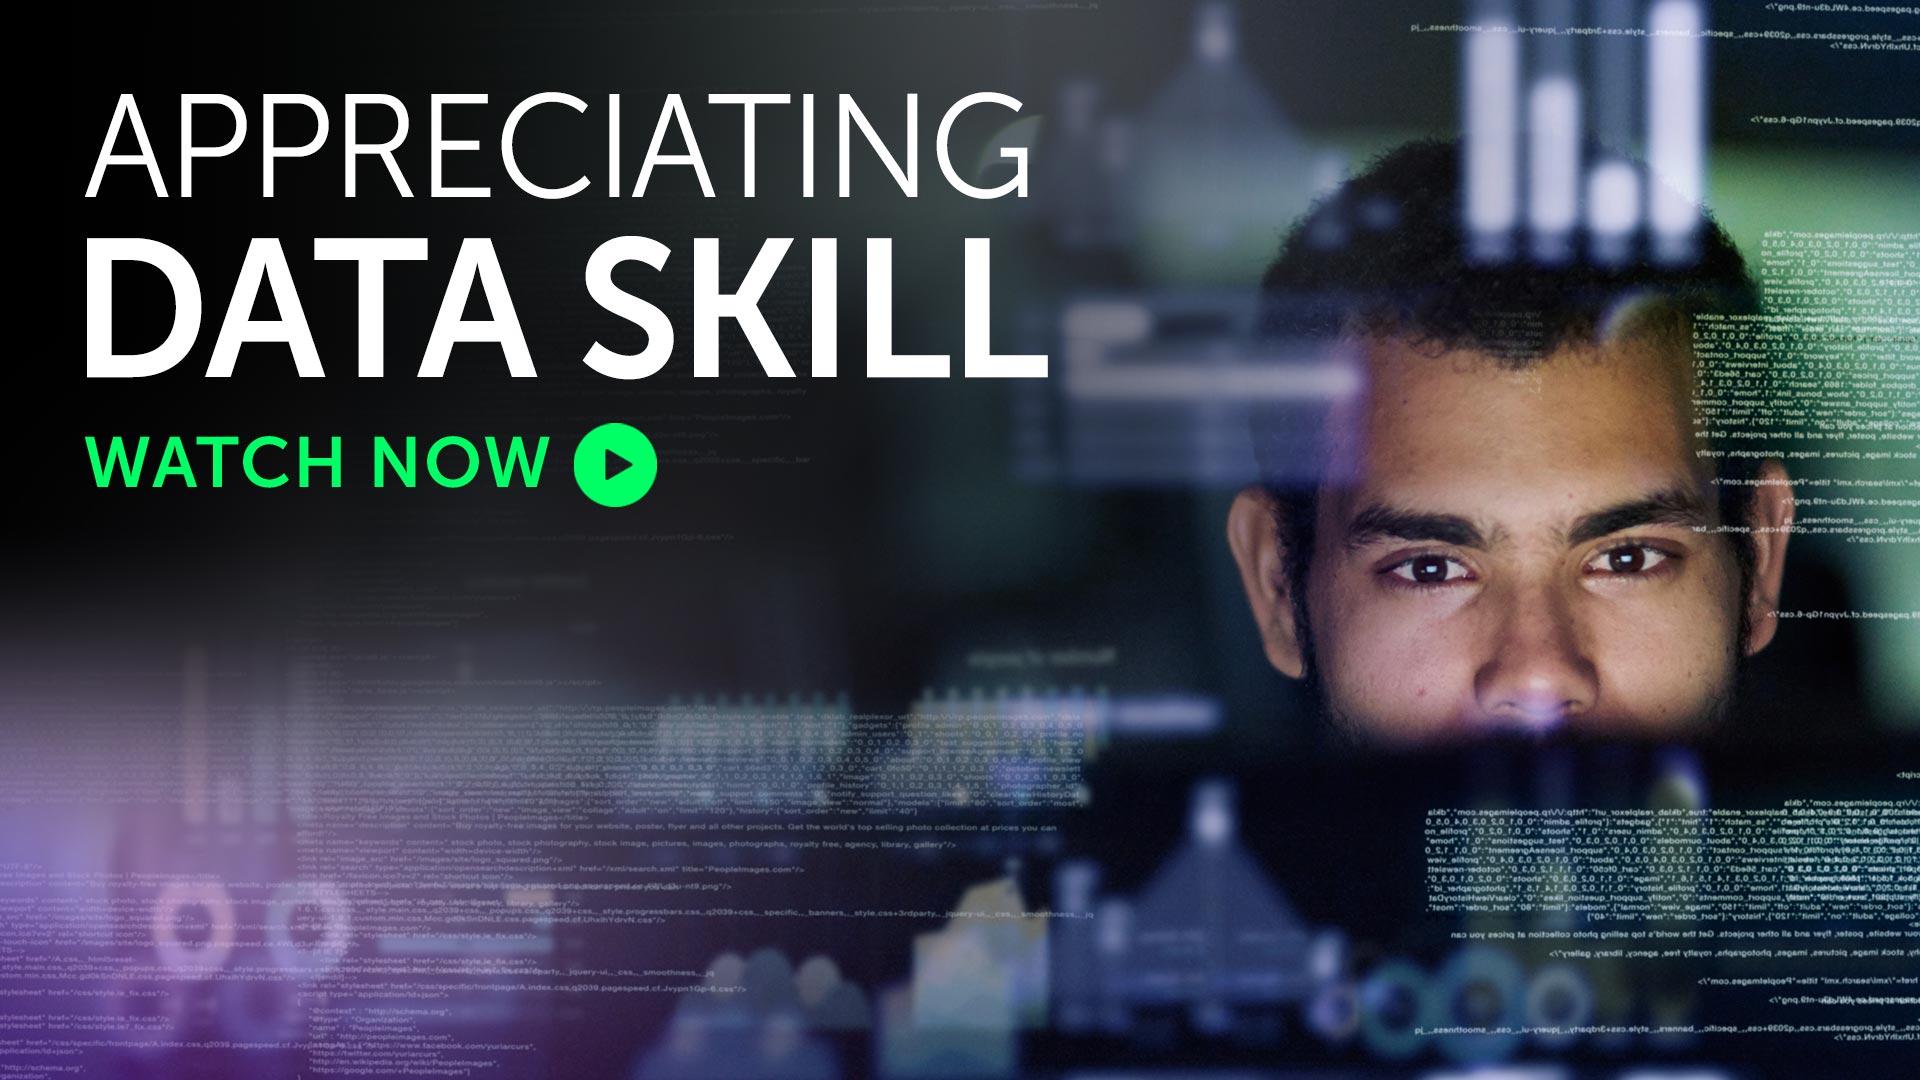 Briefing: Appreciating data skill